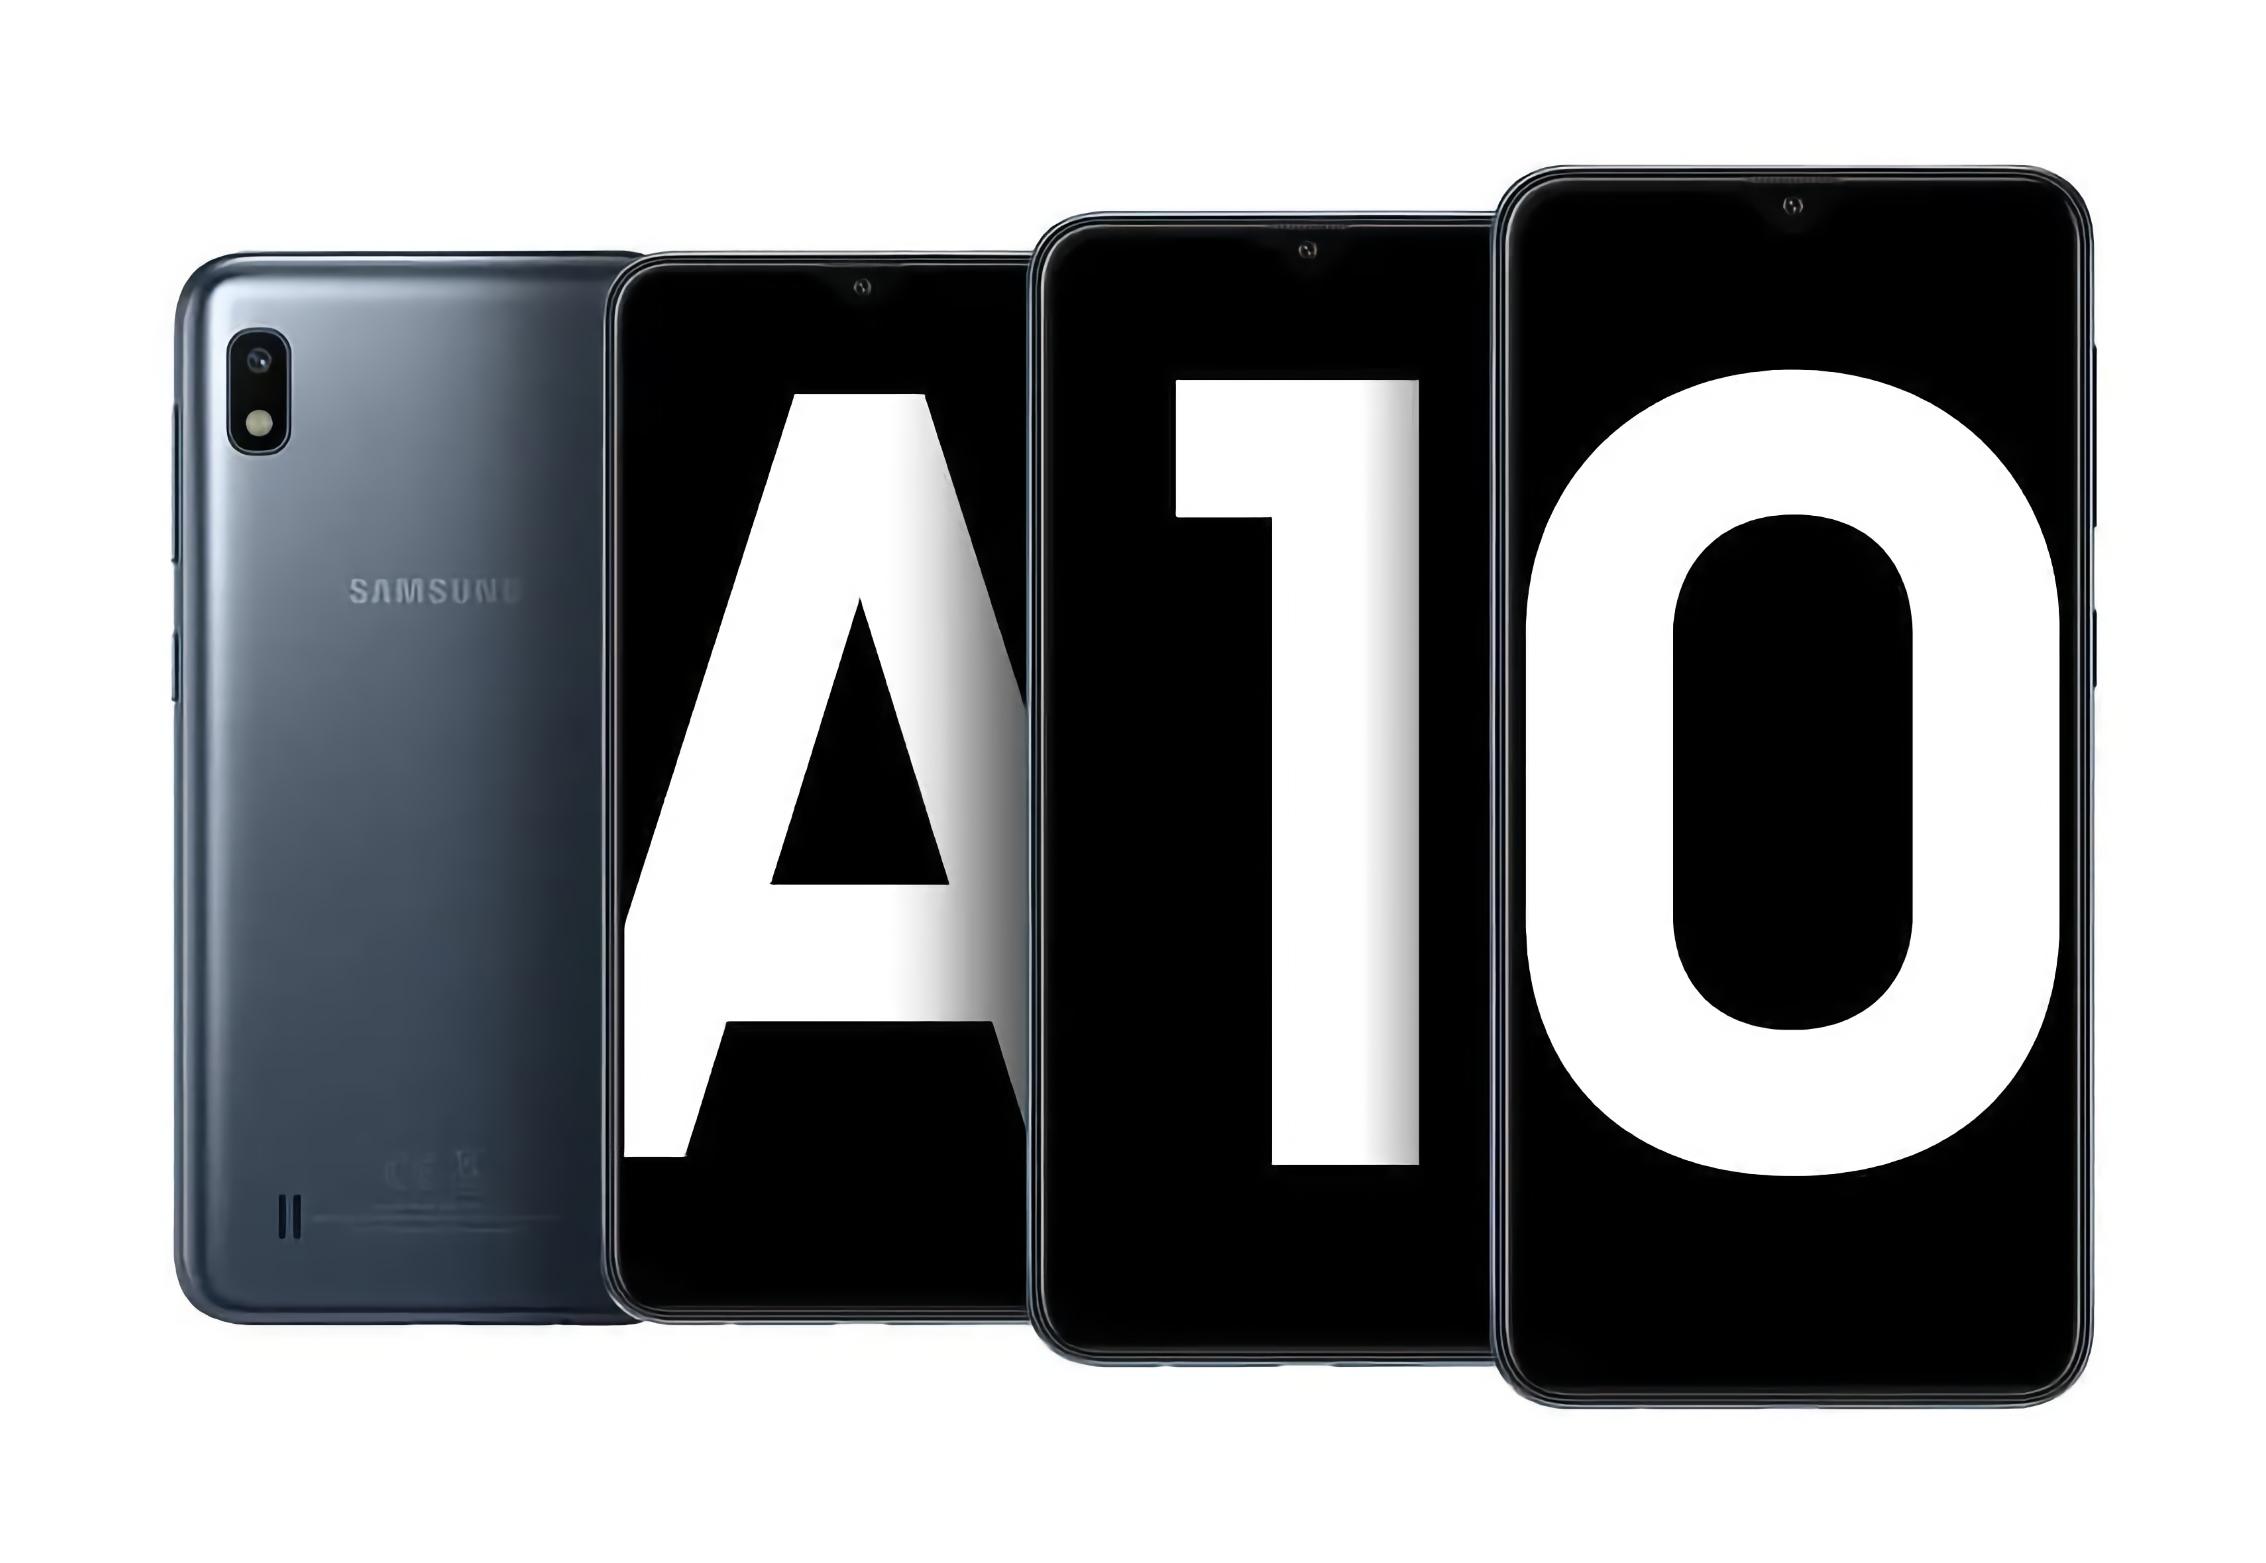 Бюджетник Samsung Galaxy A10 начал получать последнее крупное обновление ПО